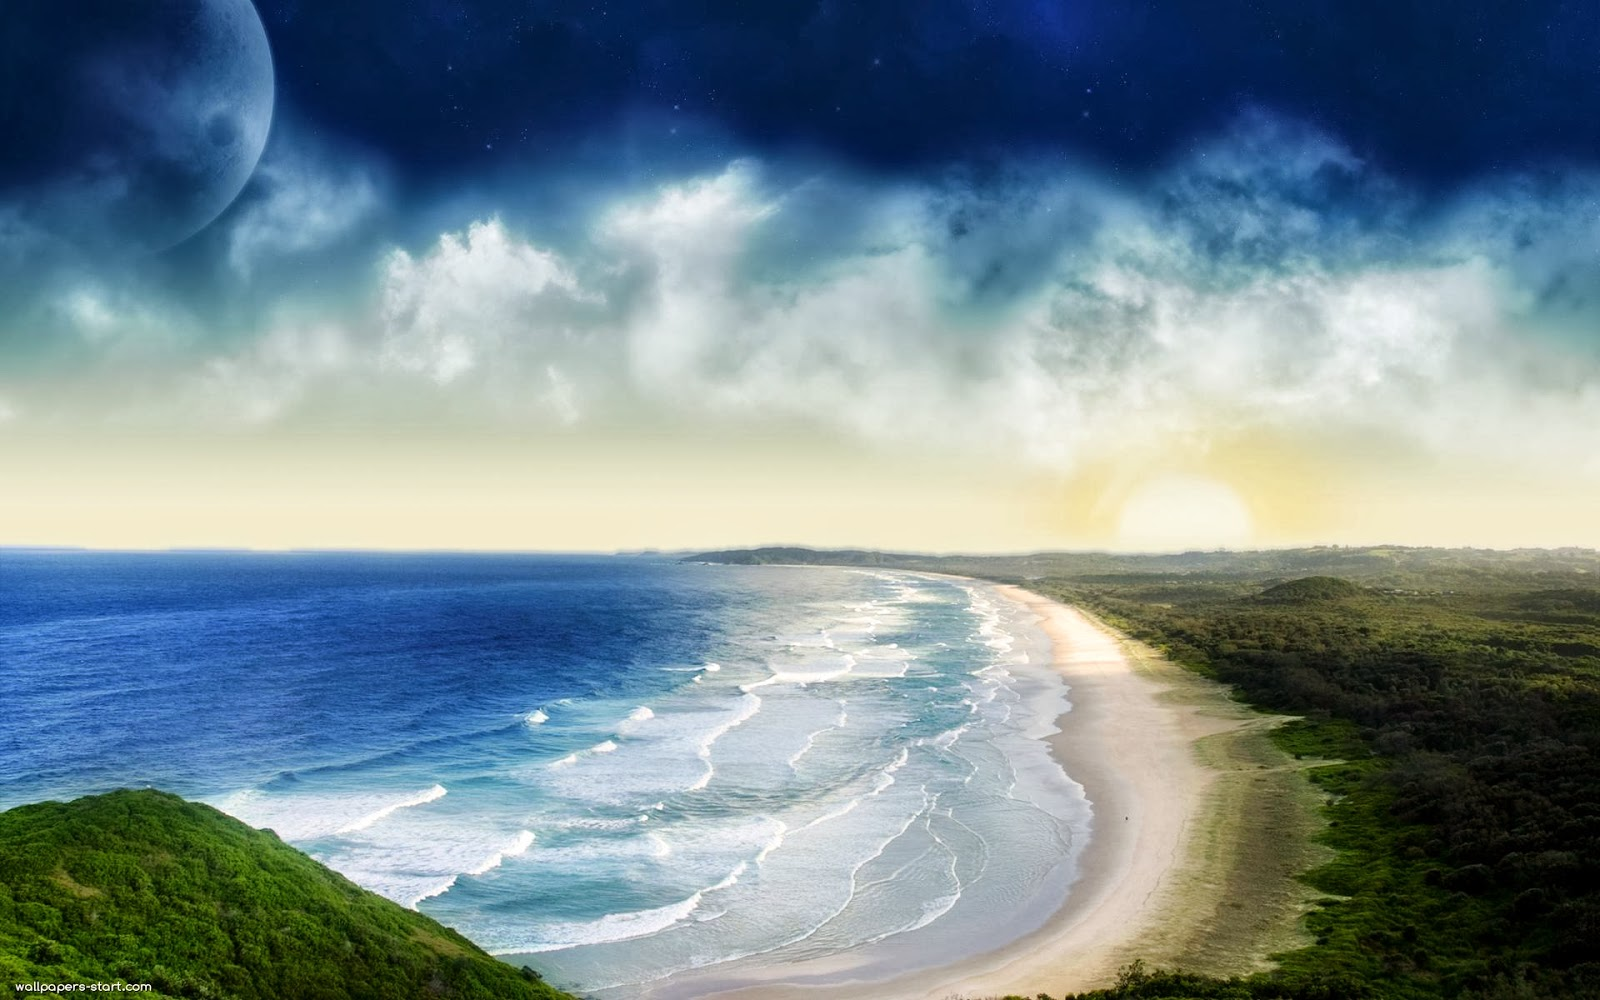 Hình nền bãi biển xanh bao la cùng bầu trời ...